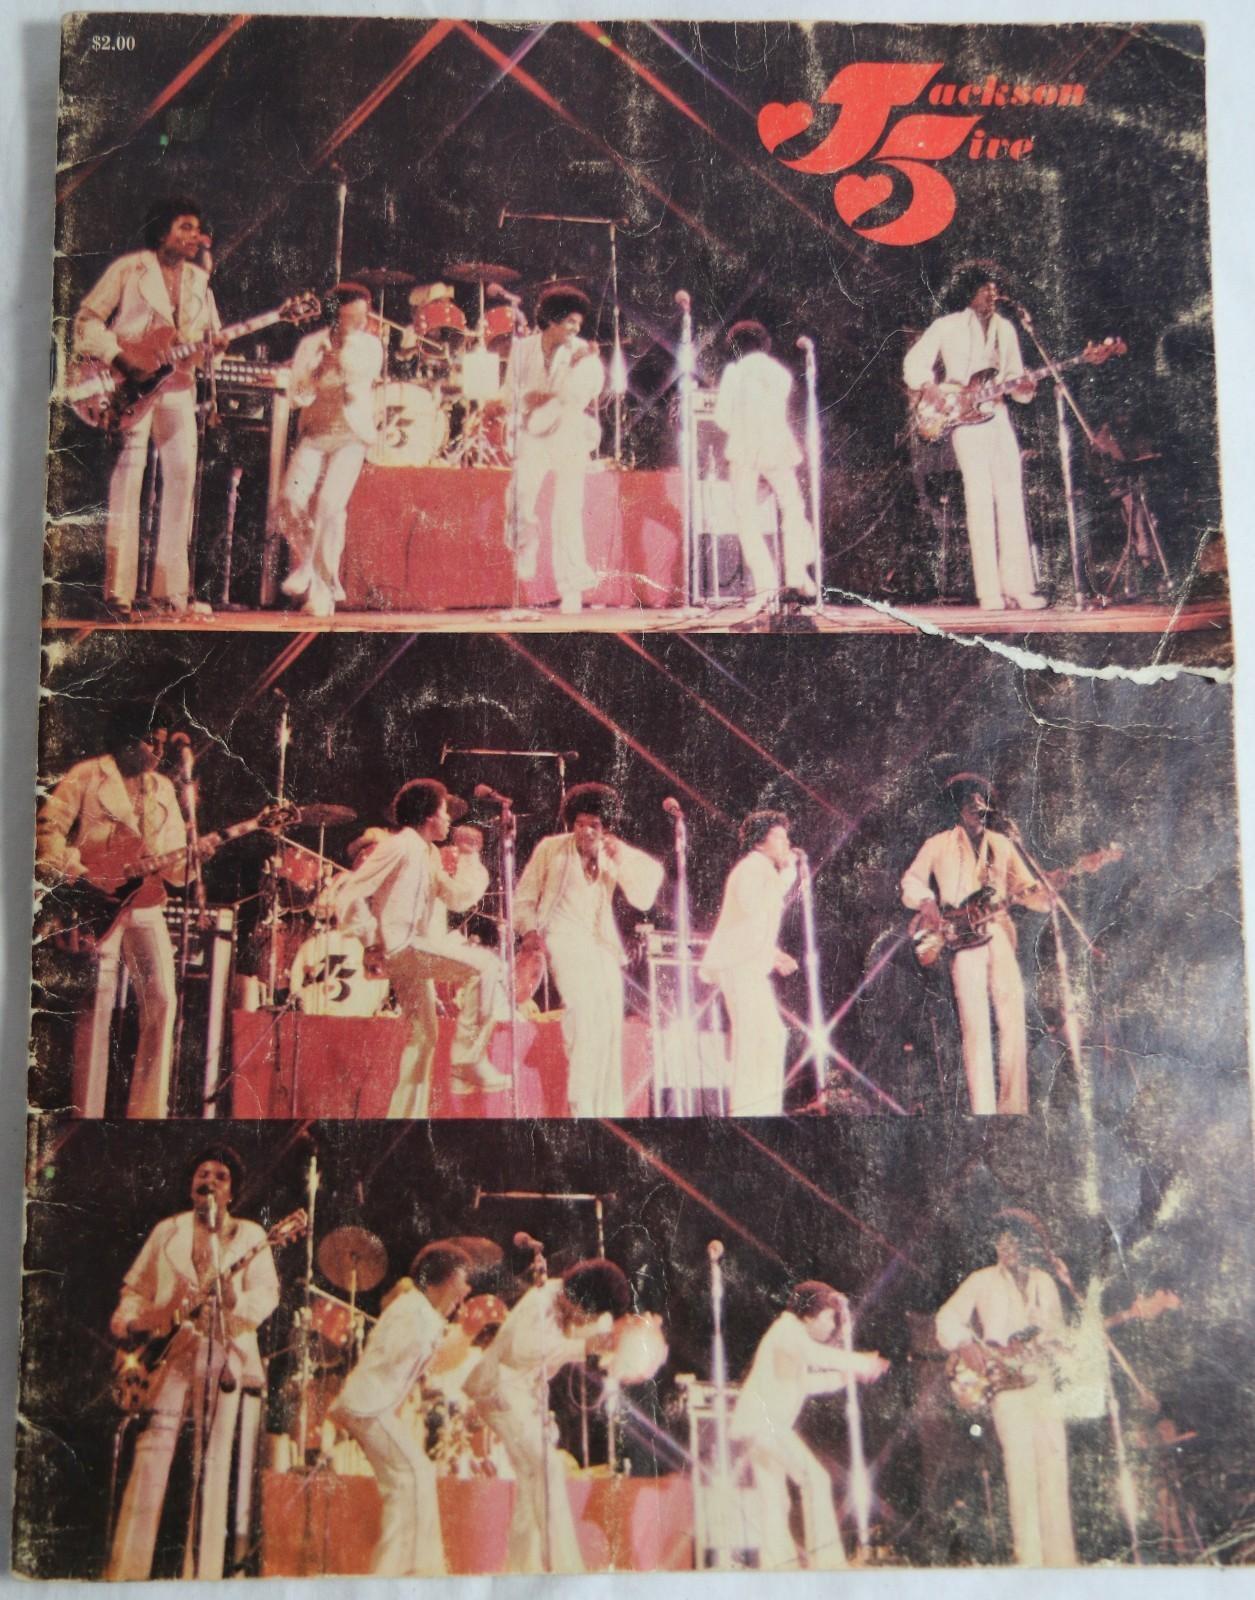 Jackson 5 concierto Tour Program